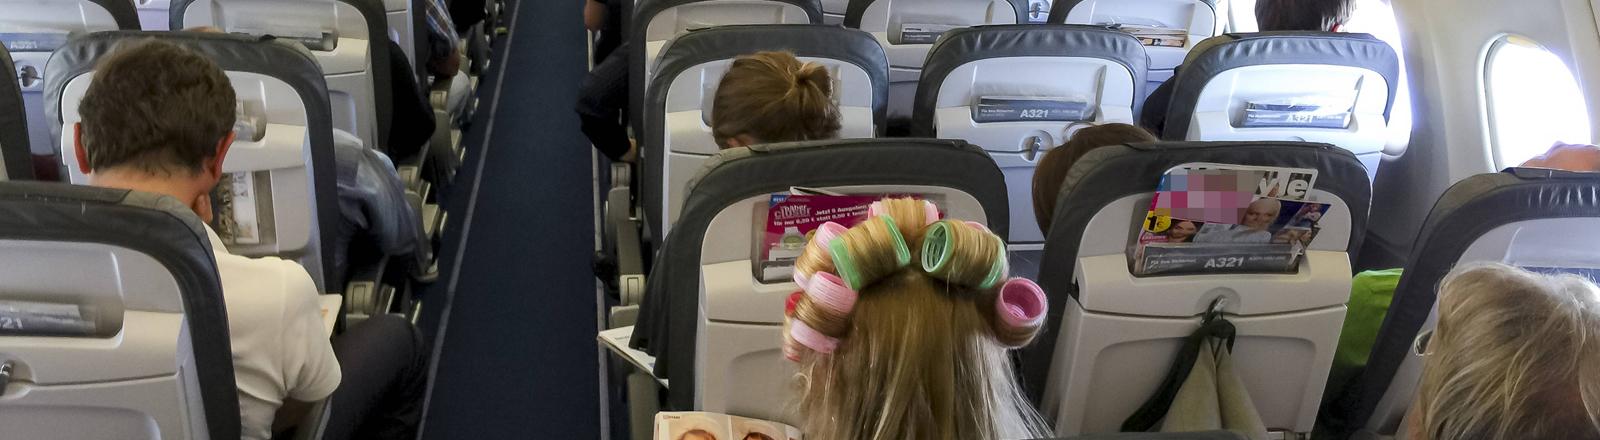 Die Kabine eines Flugzeugs